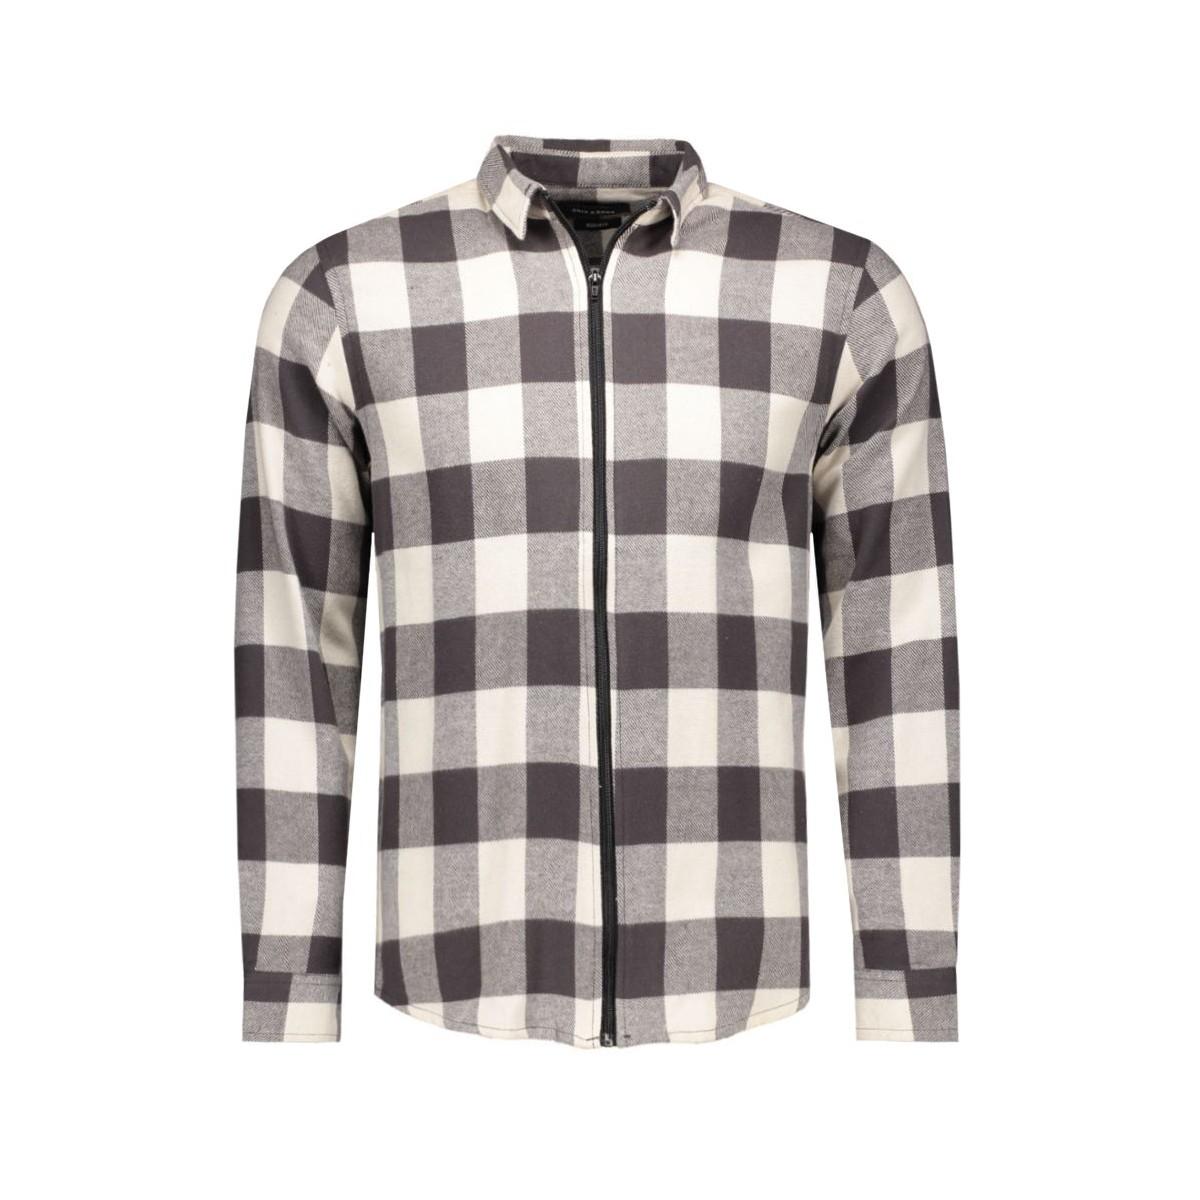 Only & Sons overhemd (met rits) voor €10 @ Sans Online